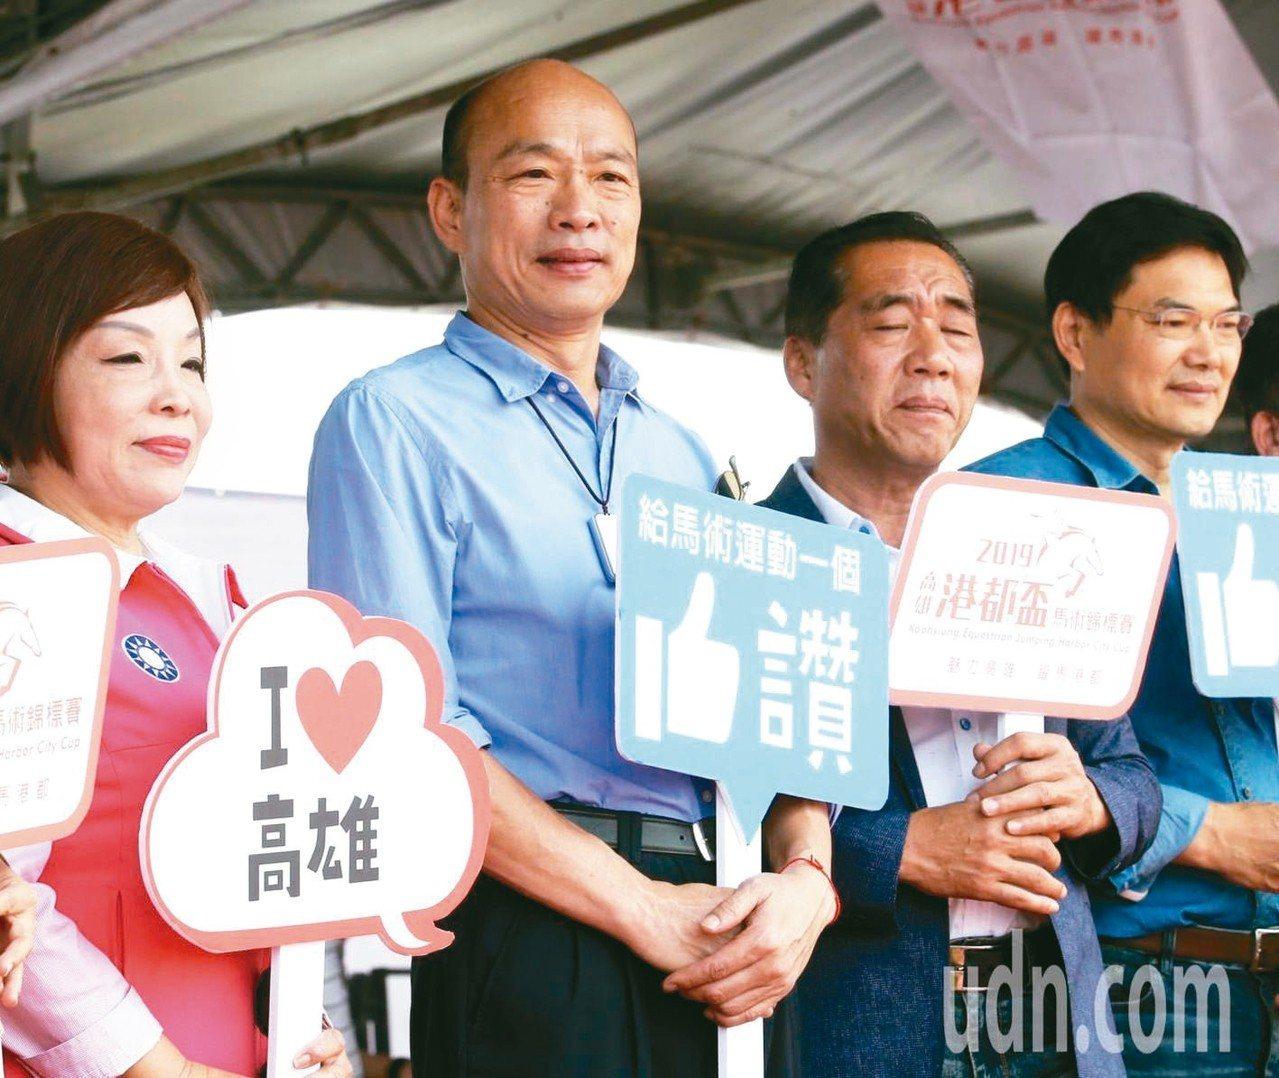 高雄市長韓國瑜網路聲量仍第一。 圖╱聯合報系資料照片